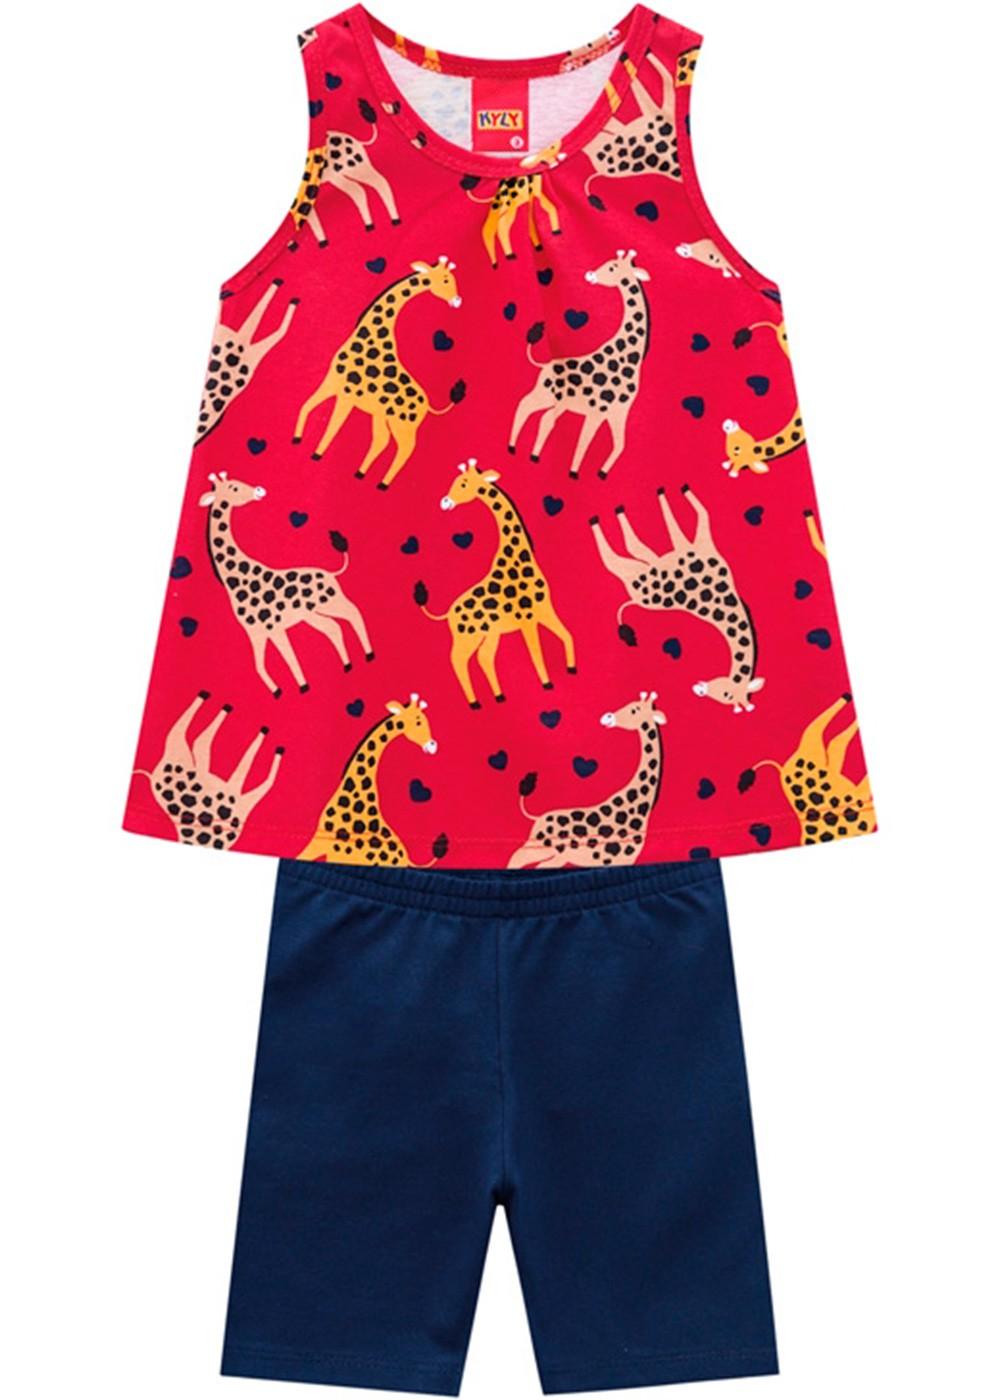 Conjunto Infantil Feminino Short e Camiseta Estampado Vermelho – Kyly